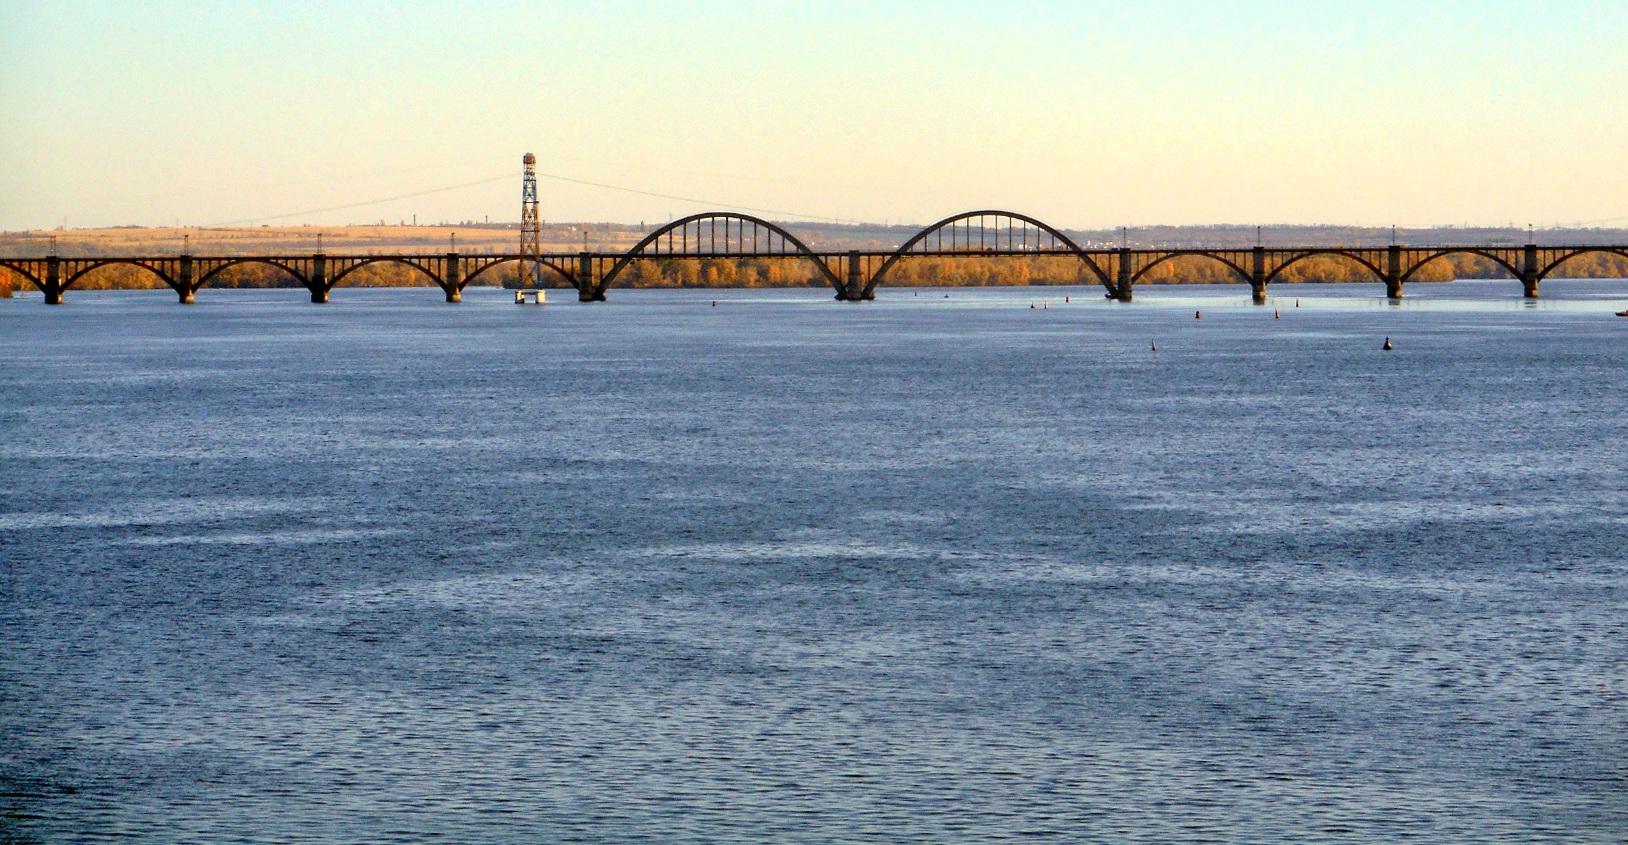 А за мостом уже осенние пейзажи..